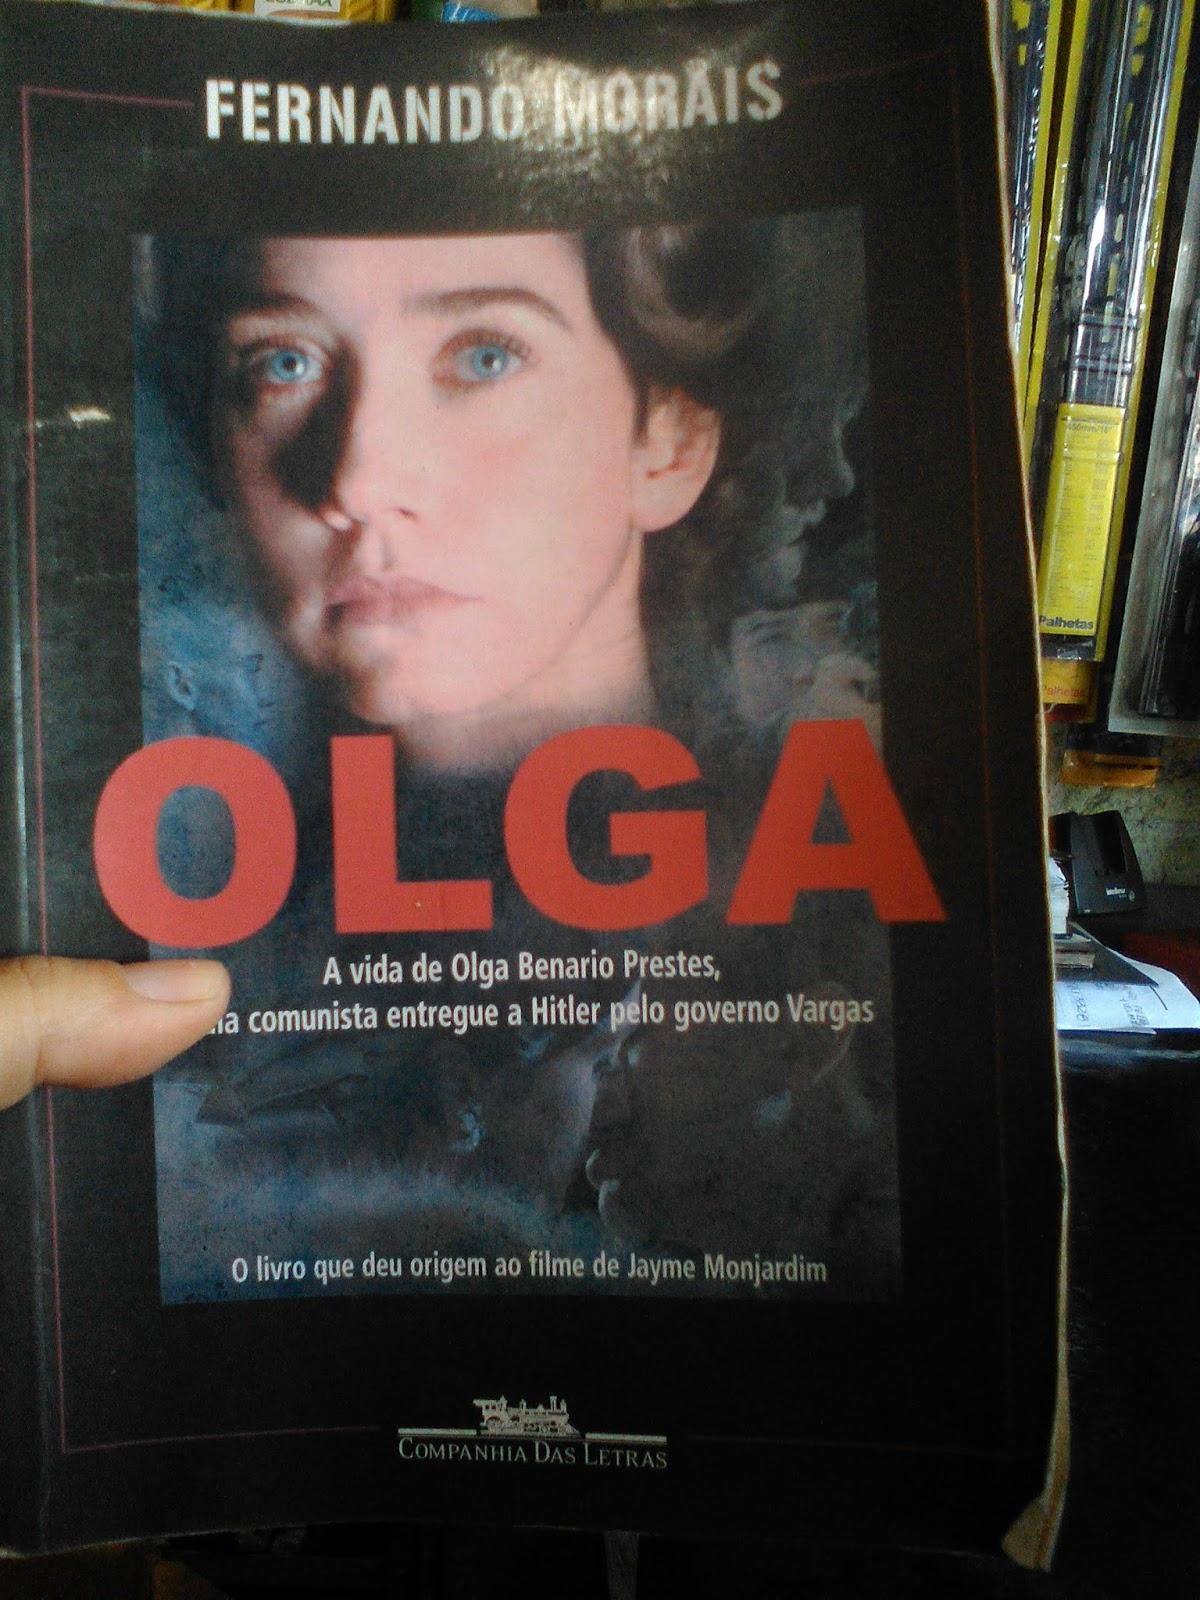 OLGA BAIXAR FILME BENARIO